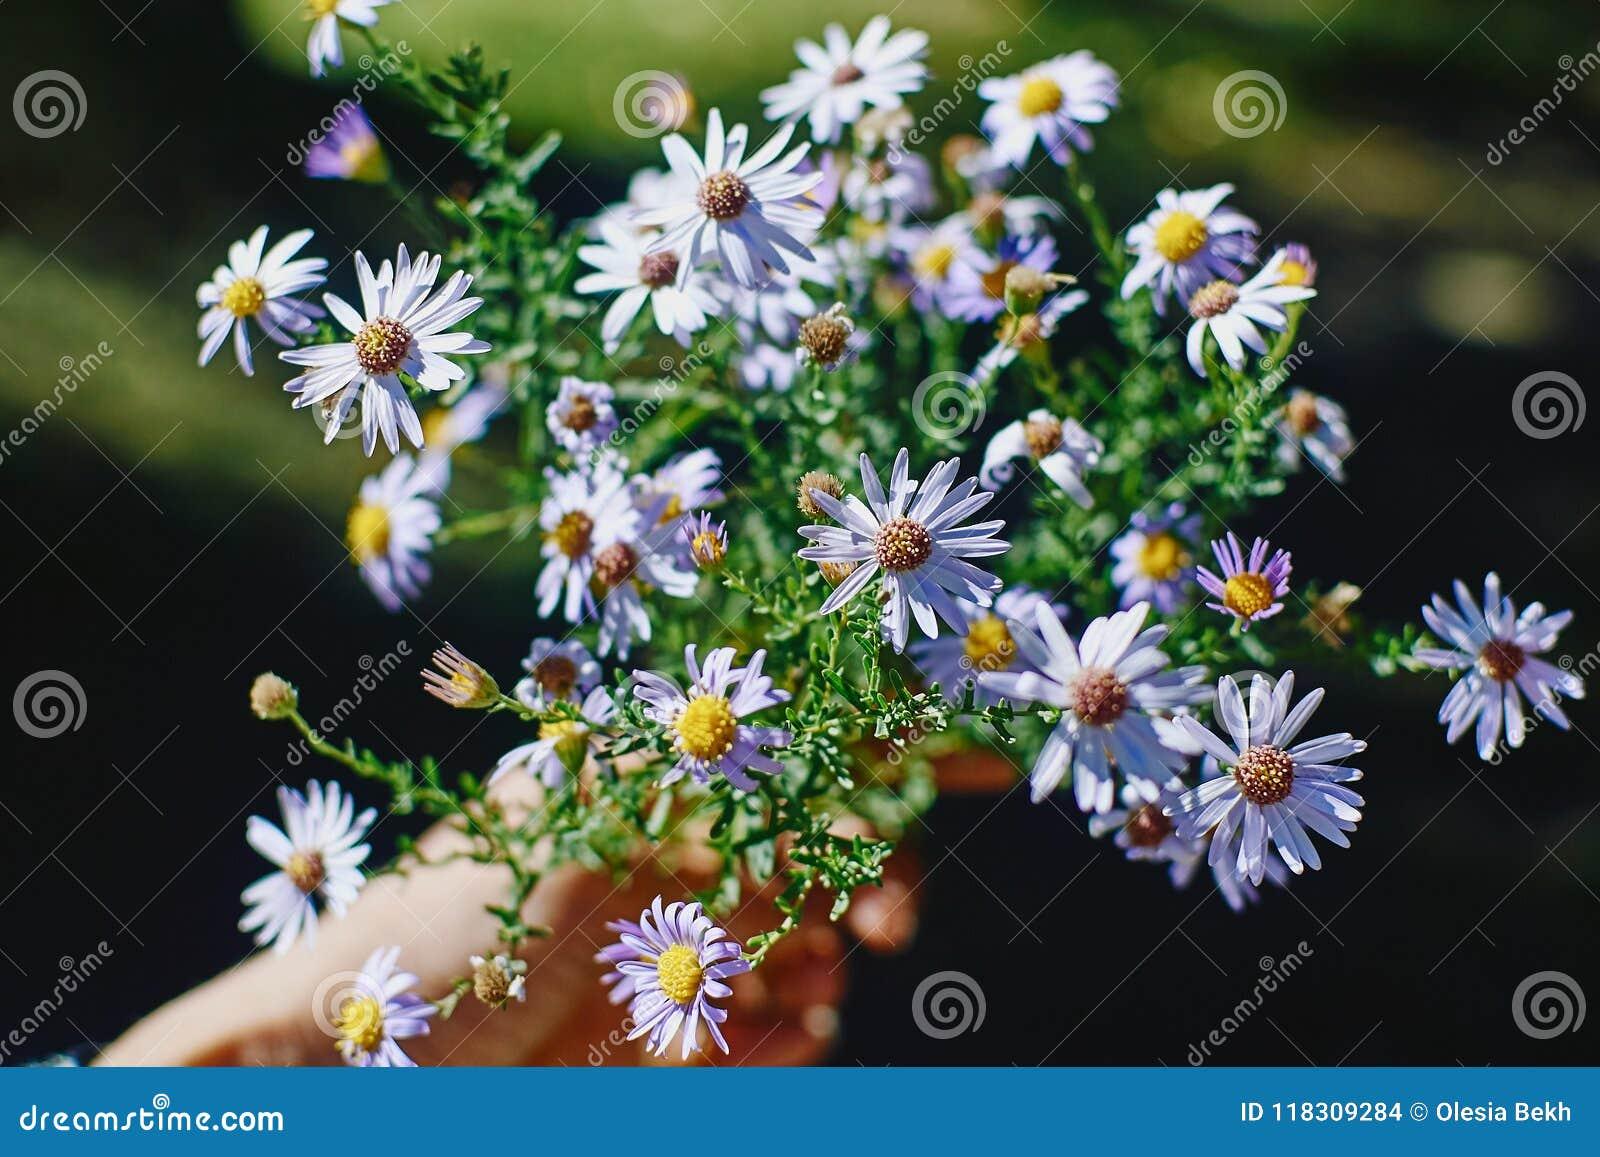 Bello mazzo dei fiori selvaggi in una mano femminile sulla parte posteriore di verde